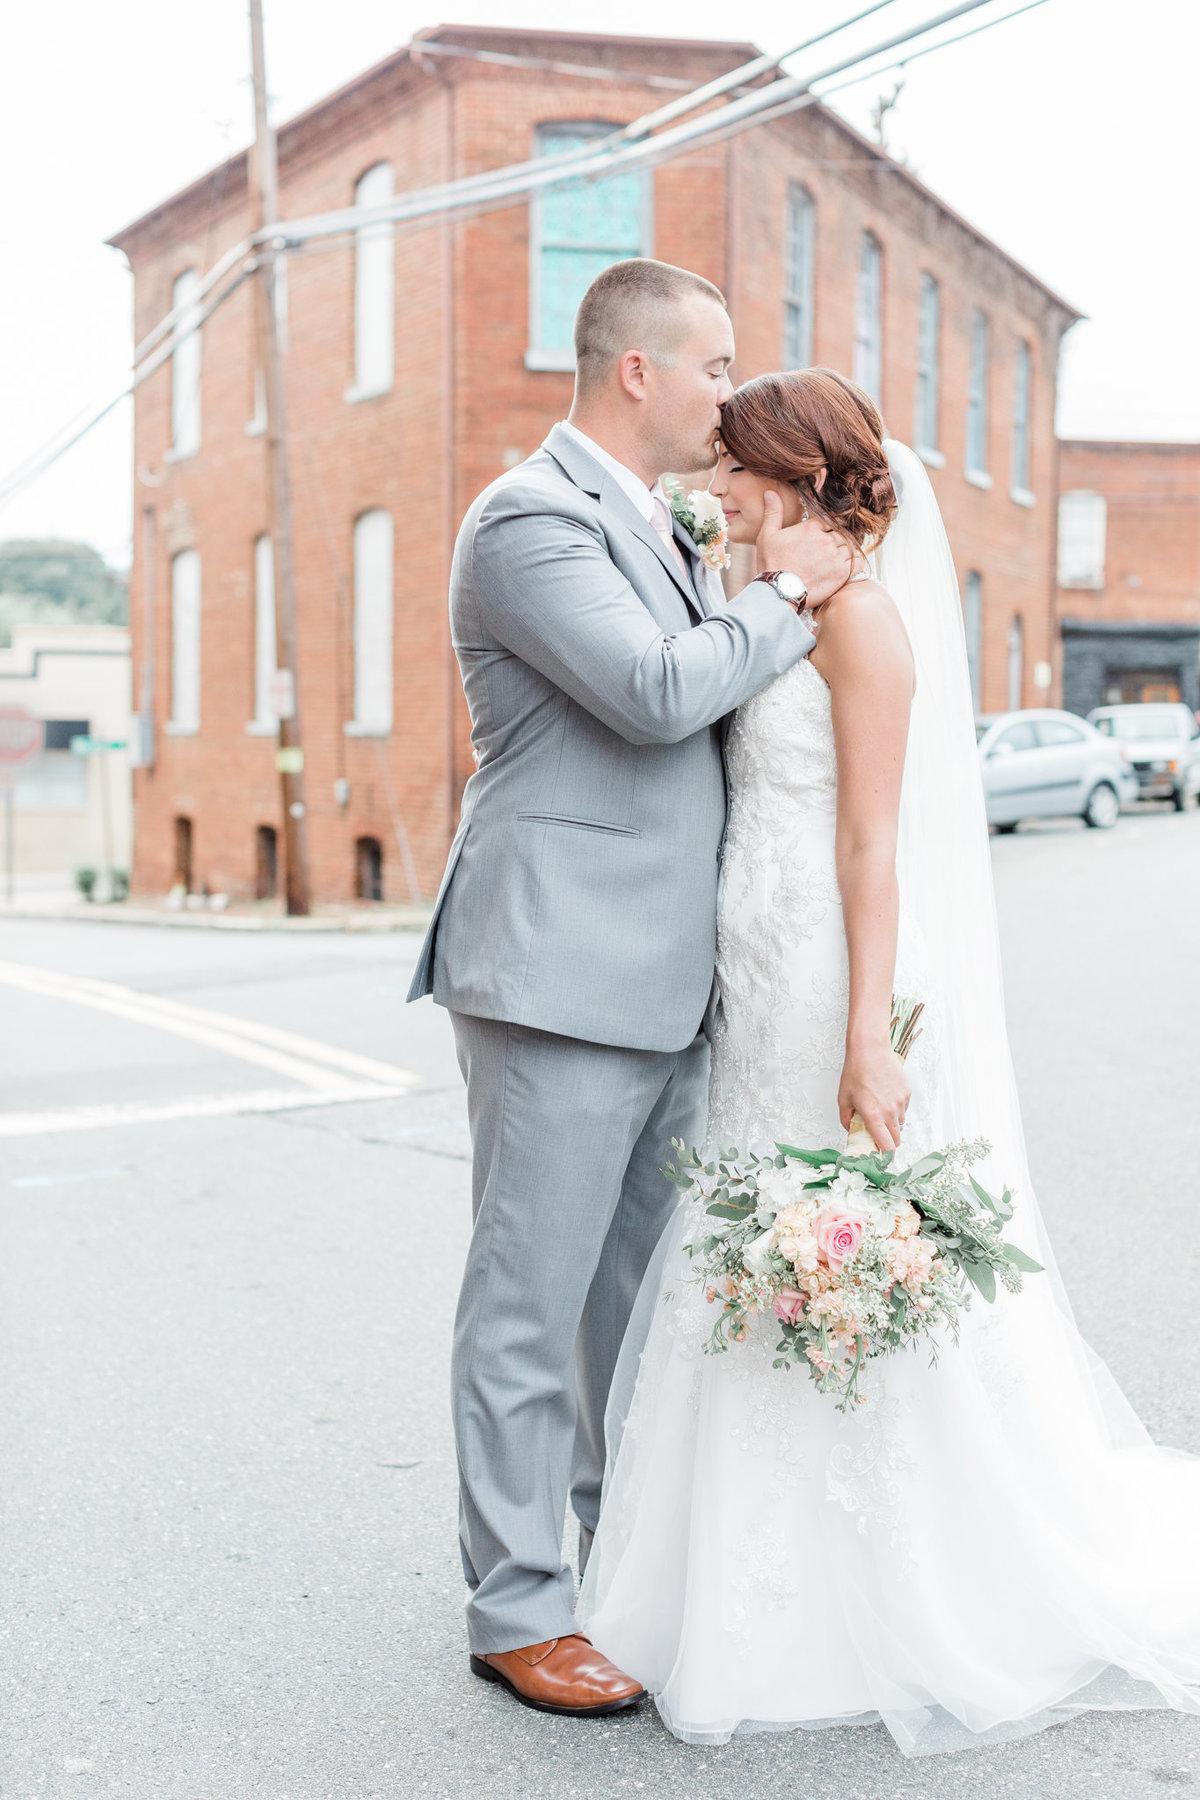 NC Wedding Photographer| Alayna Kaye Photography